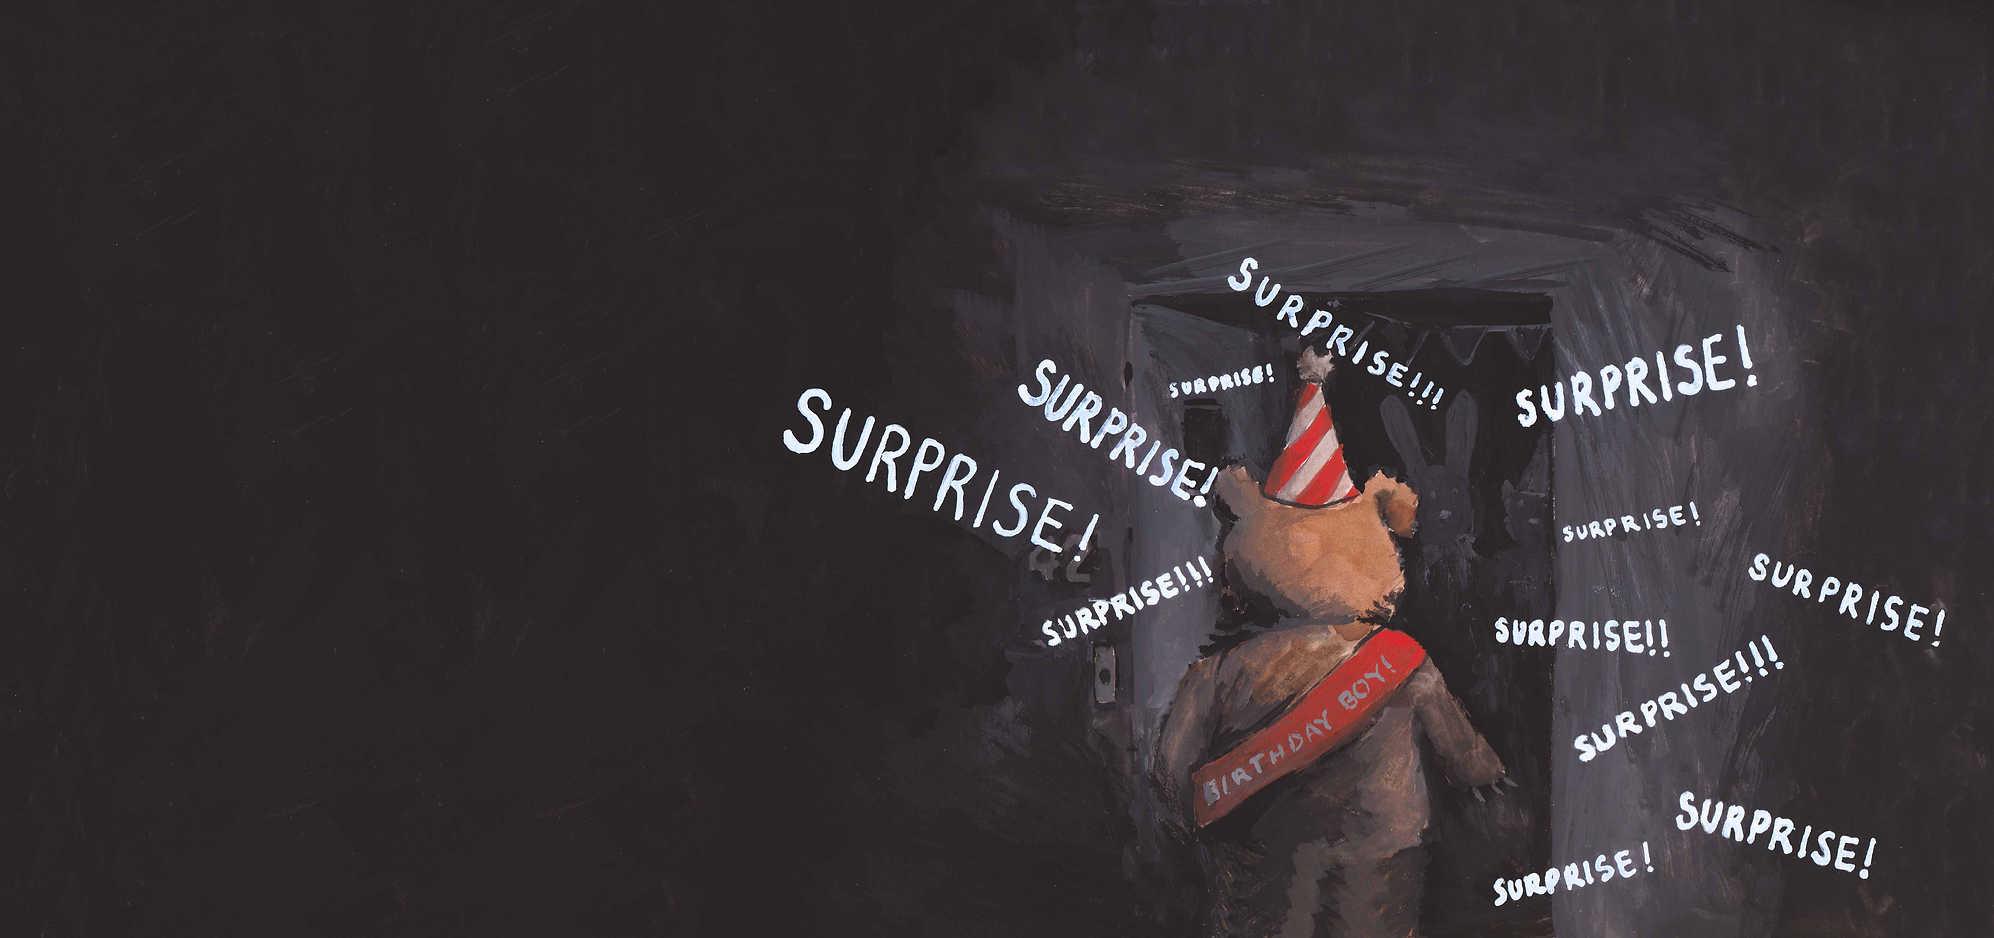 Surprise! Gouache painting